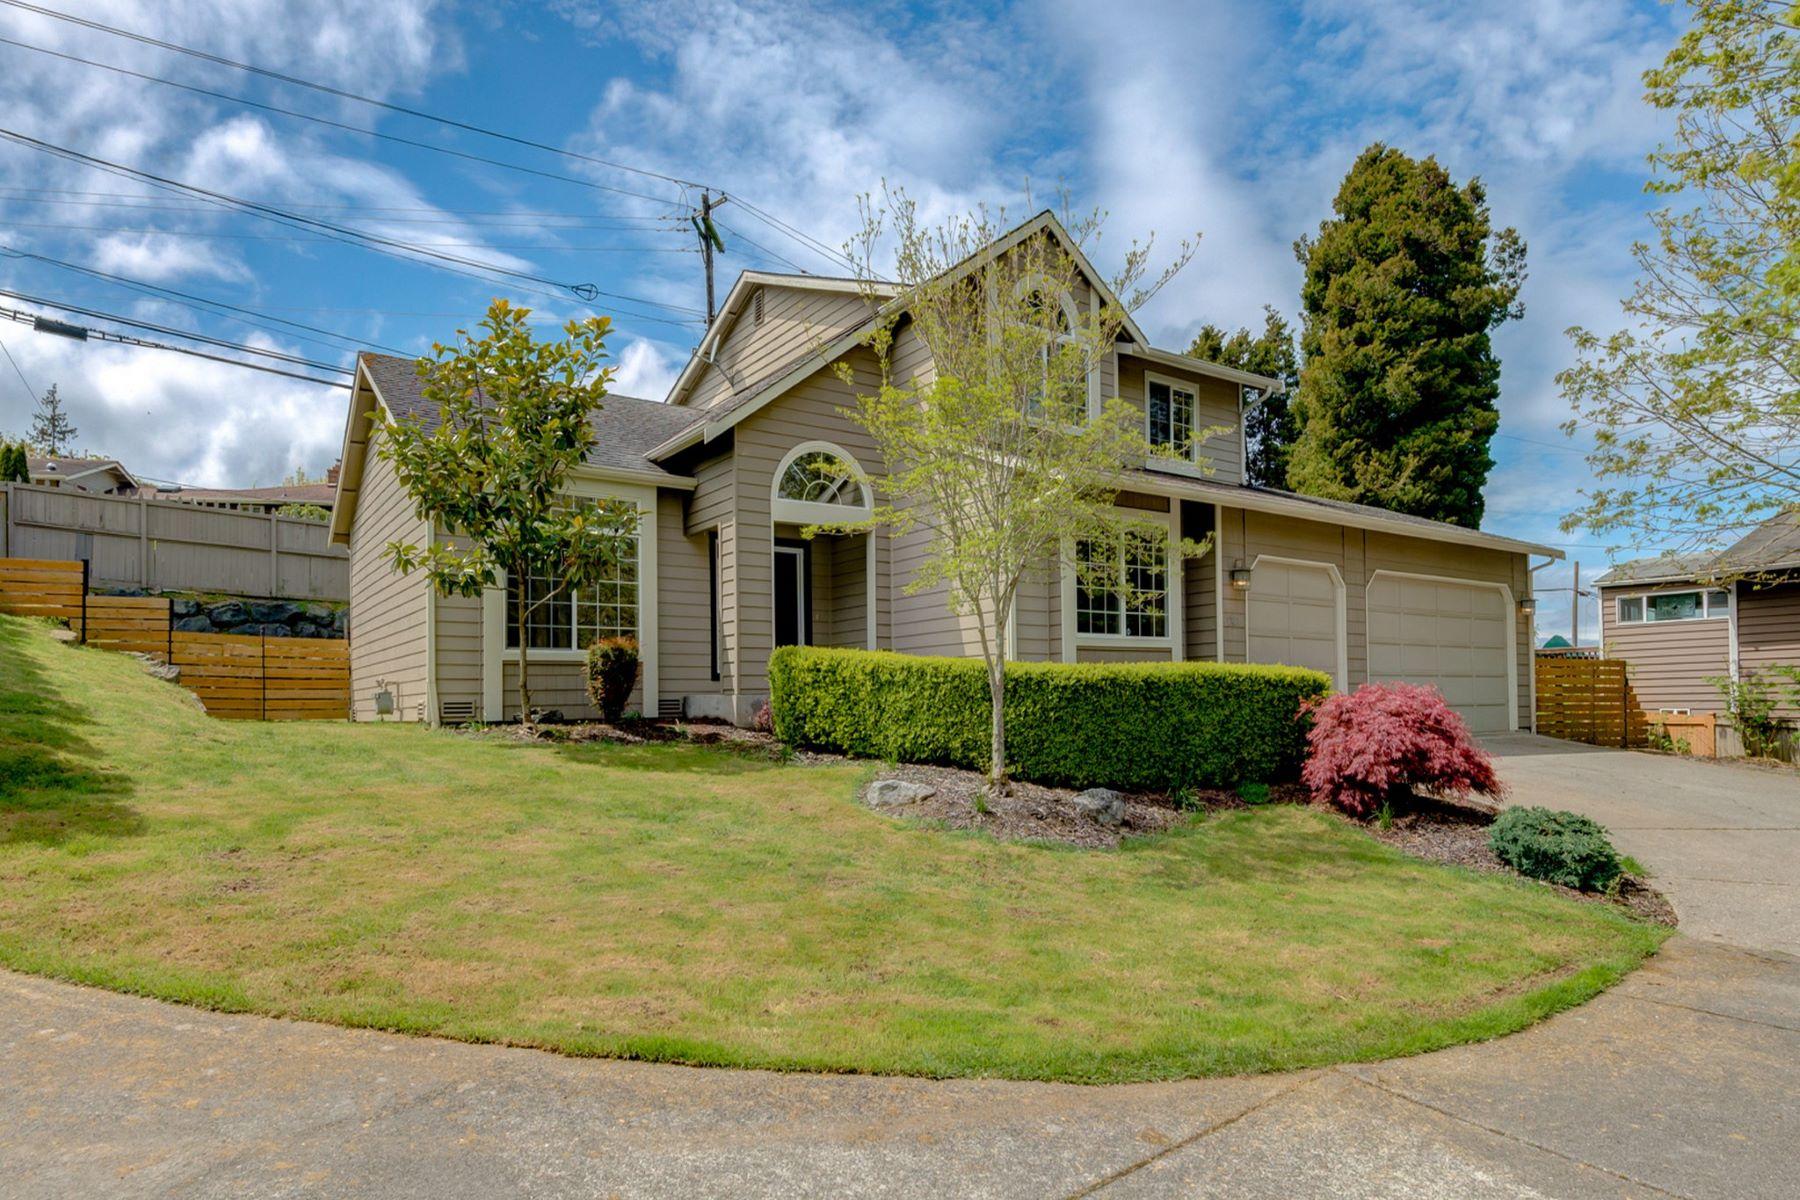 Maison unifamiliale pour l Vente à Stunning Everett Craftsman 1131 W Mukilteo Blvd Everett, Washington, 98203 États-Unis